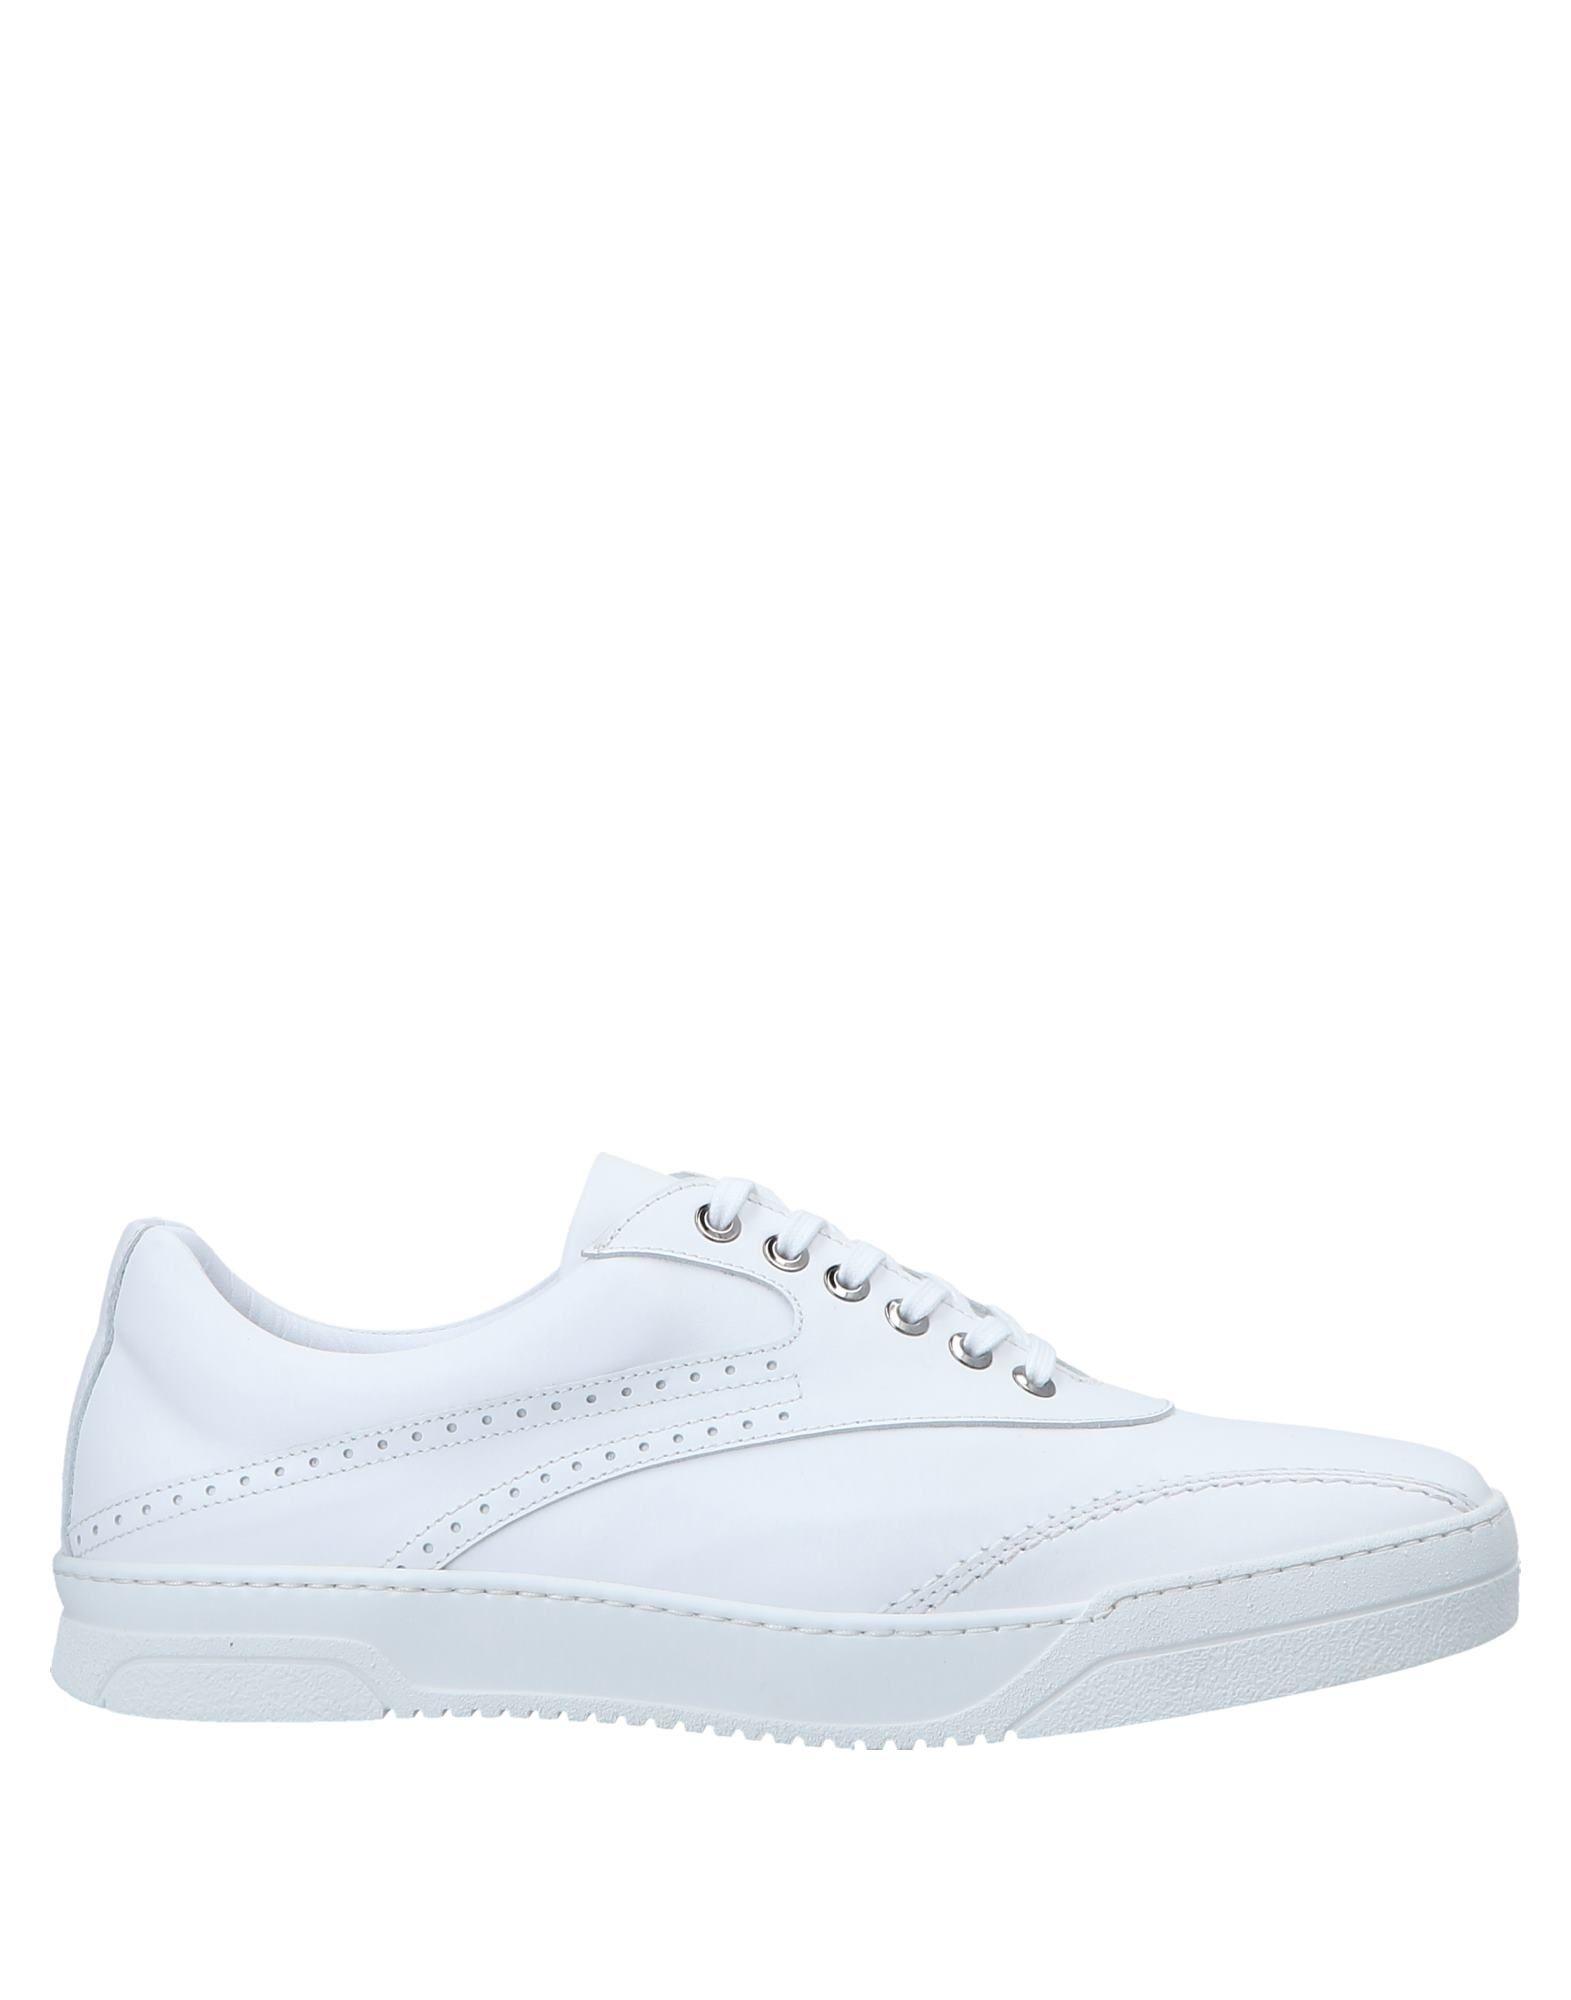 Gianfranco Lattanzi Sneakers Herren  11547071PL Gute Qualität beliebte Schuhe